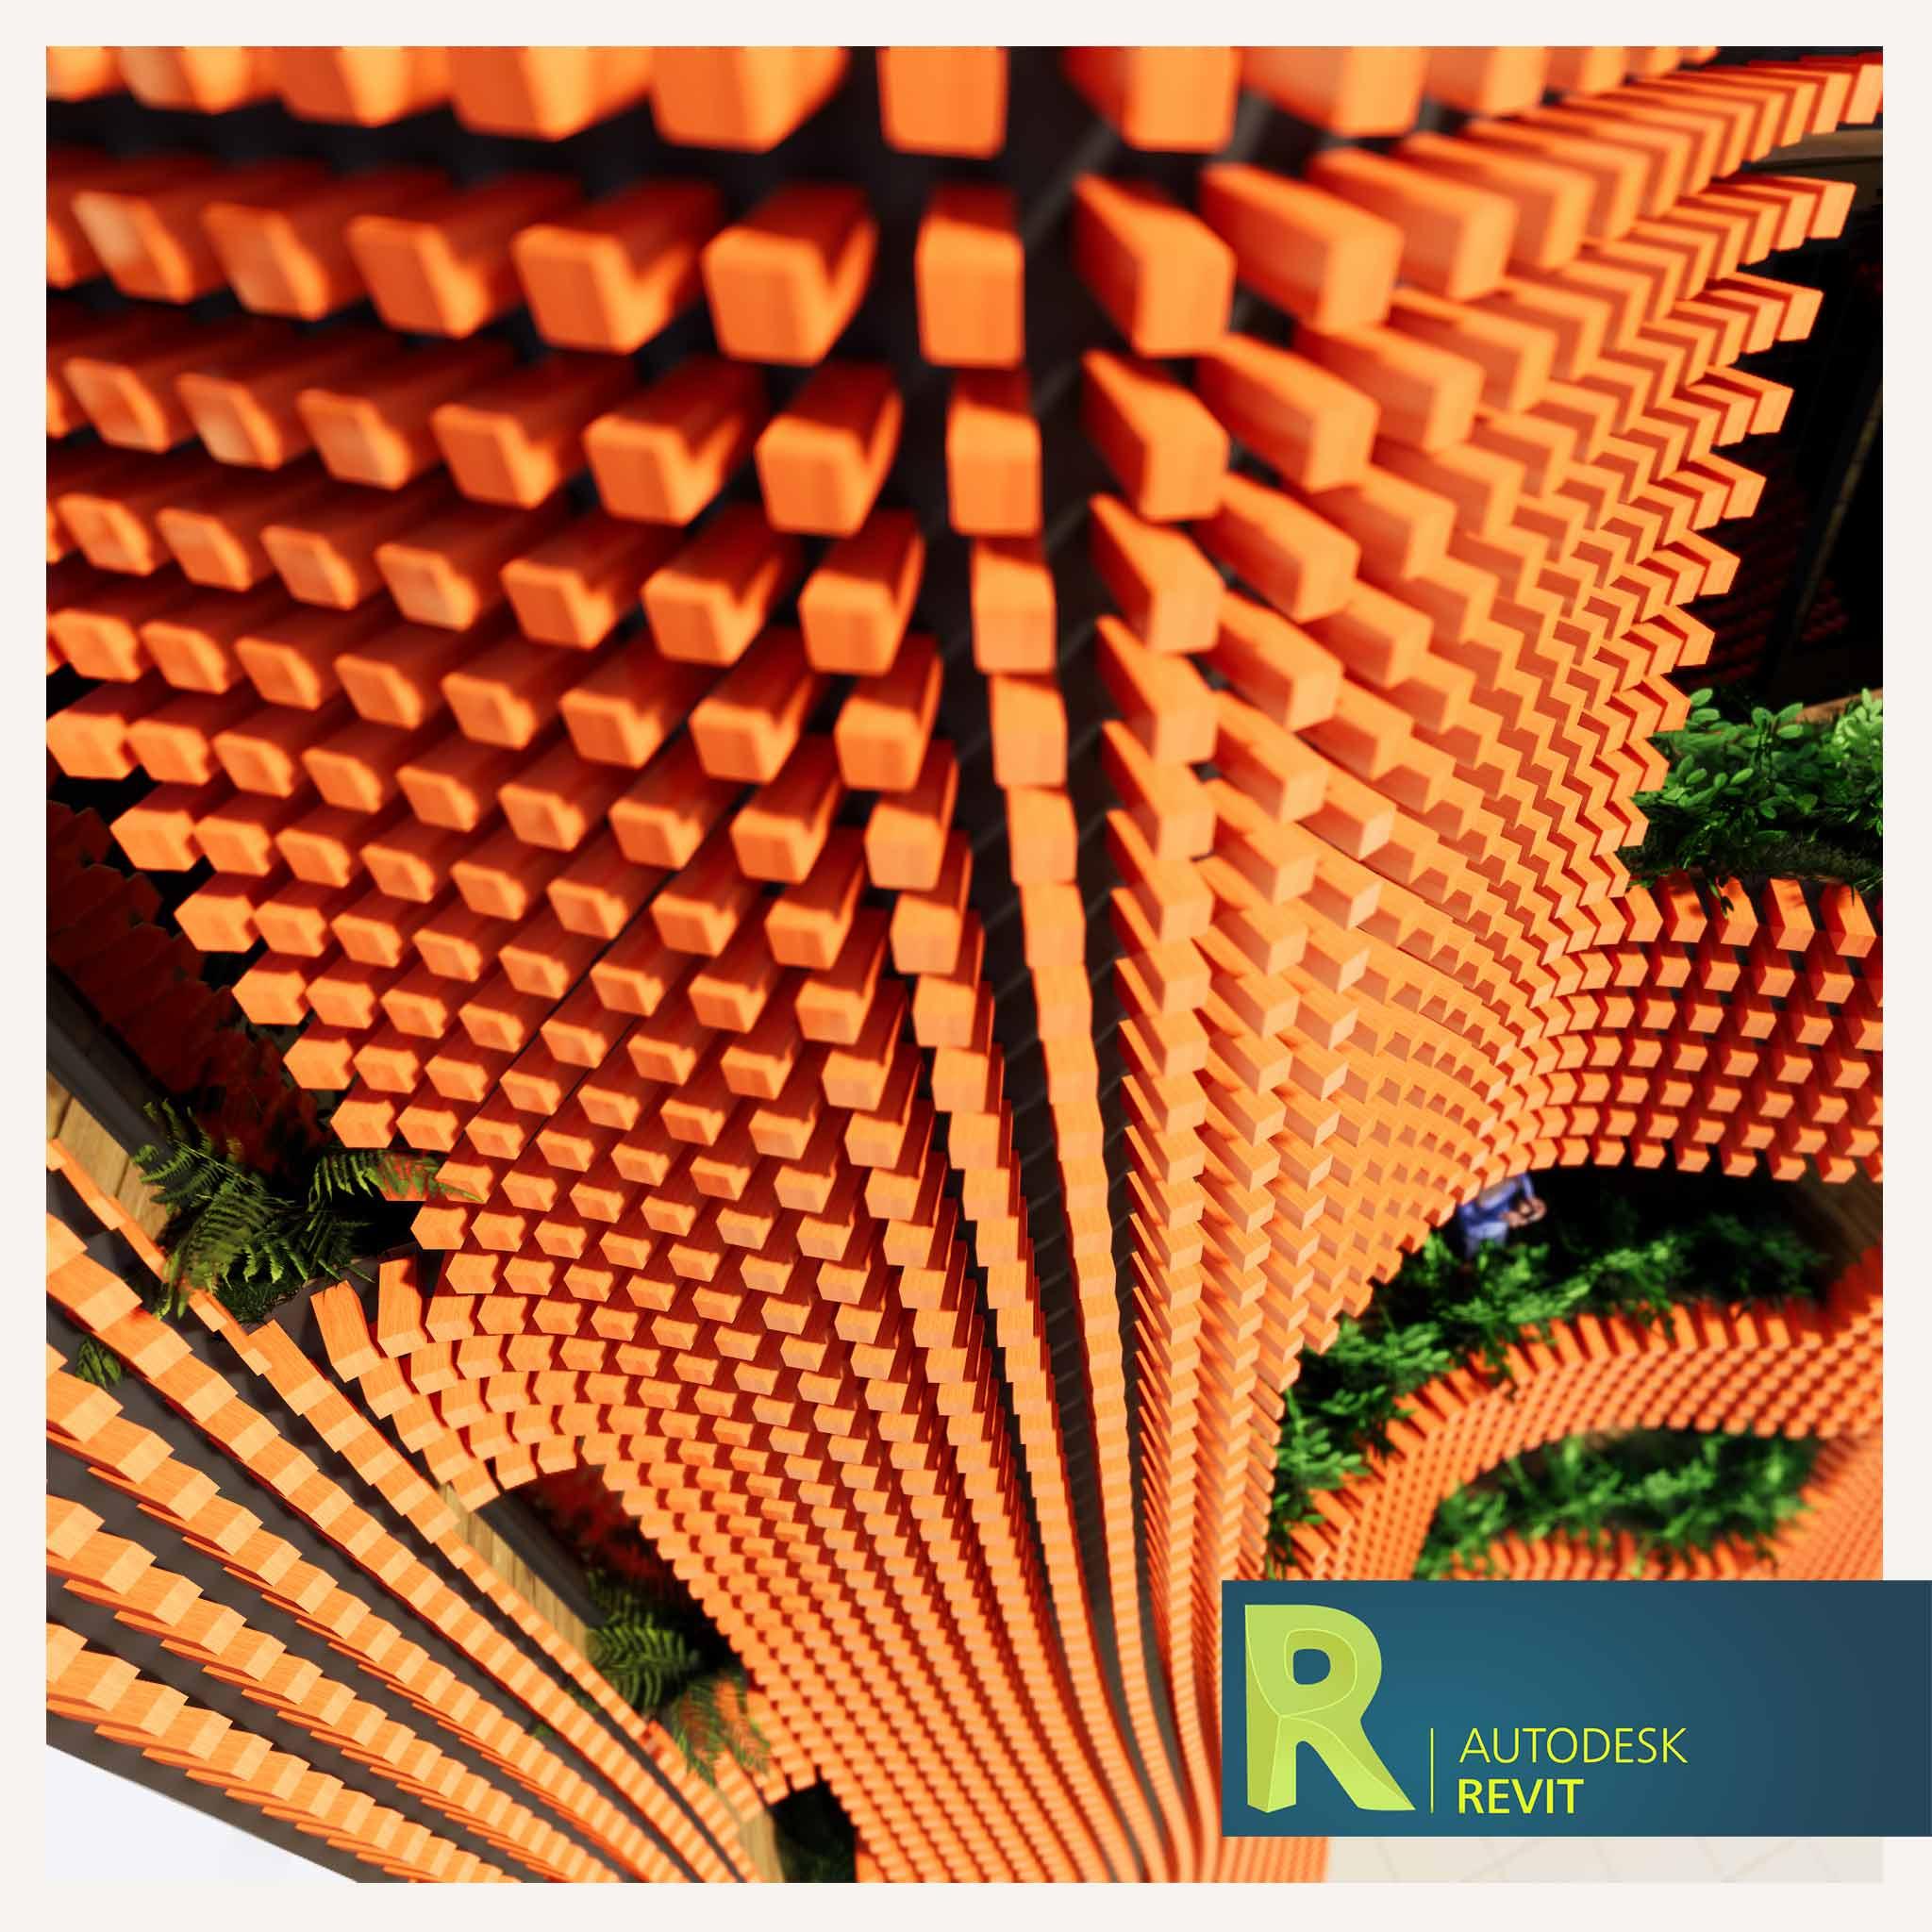 در این آموزش شما با نحوه طراحی و مدلسازی نمای پارامتریک در Revit آشنا خواهید شد . طراحی پوسته در Mass و استفاده و ترکیب آن با بدنه ساختمان .